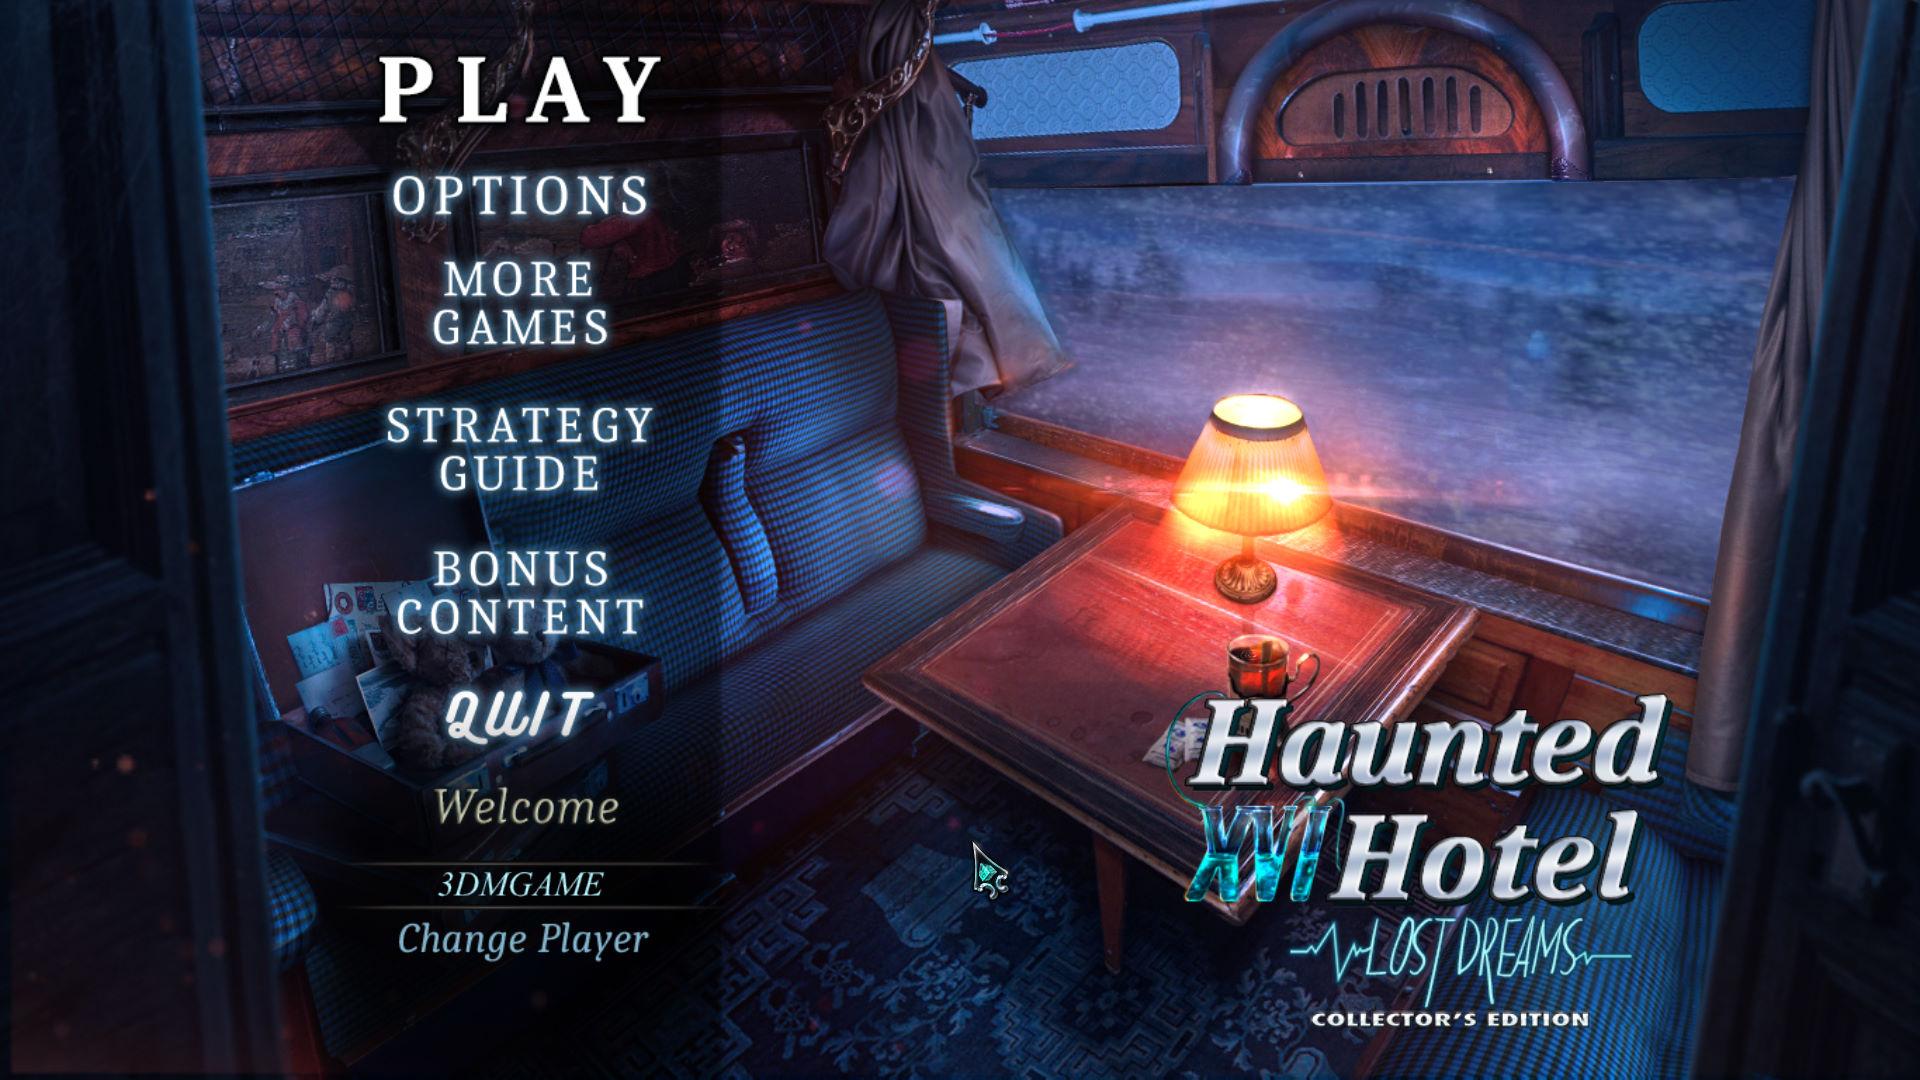 幽魂旅馆16:迷失梦境 游戏截图